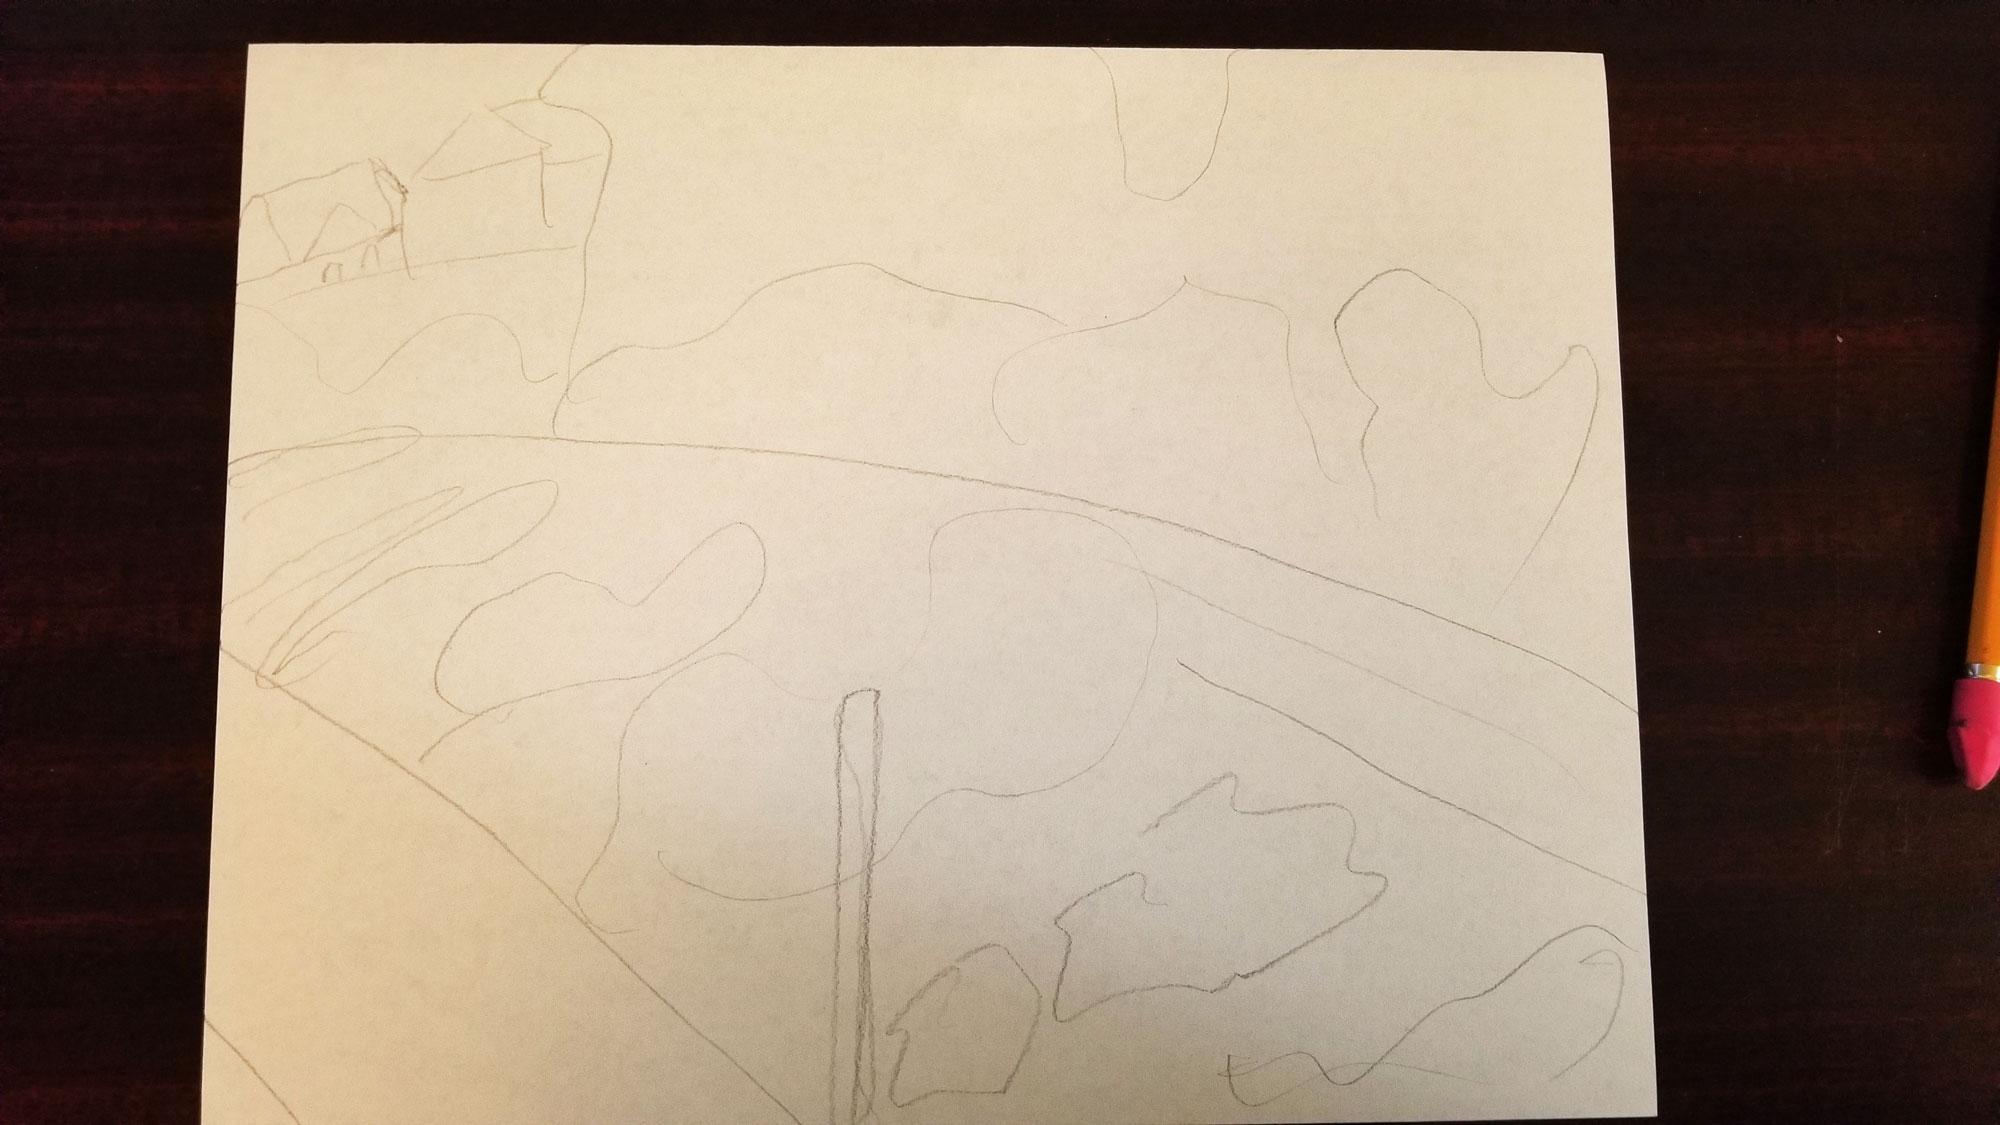 Rough sketch as landscape